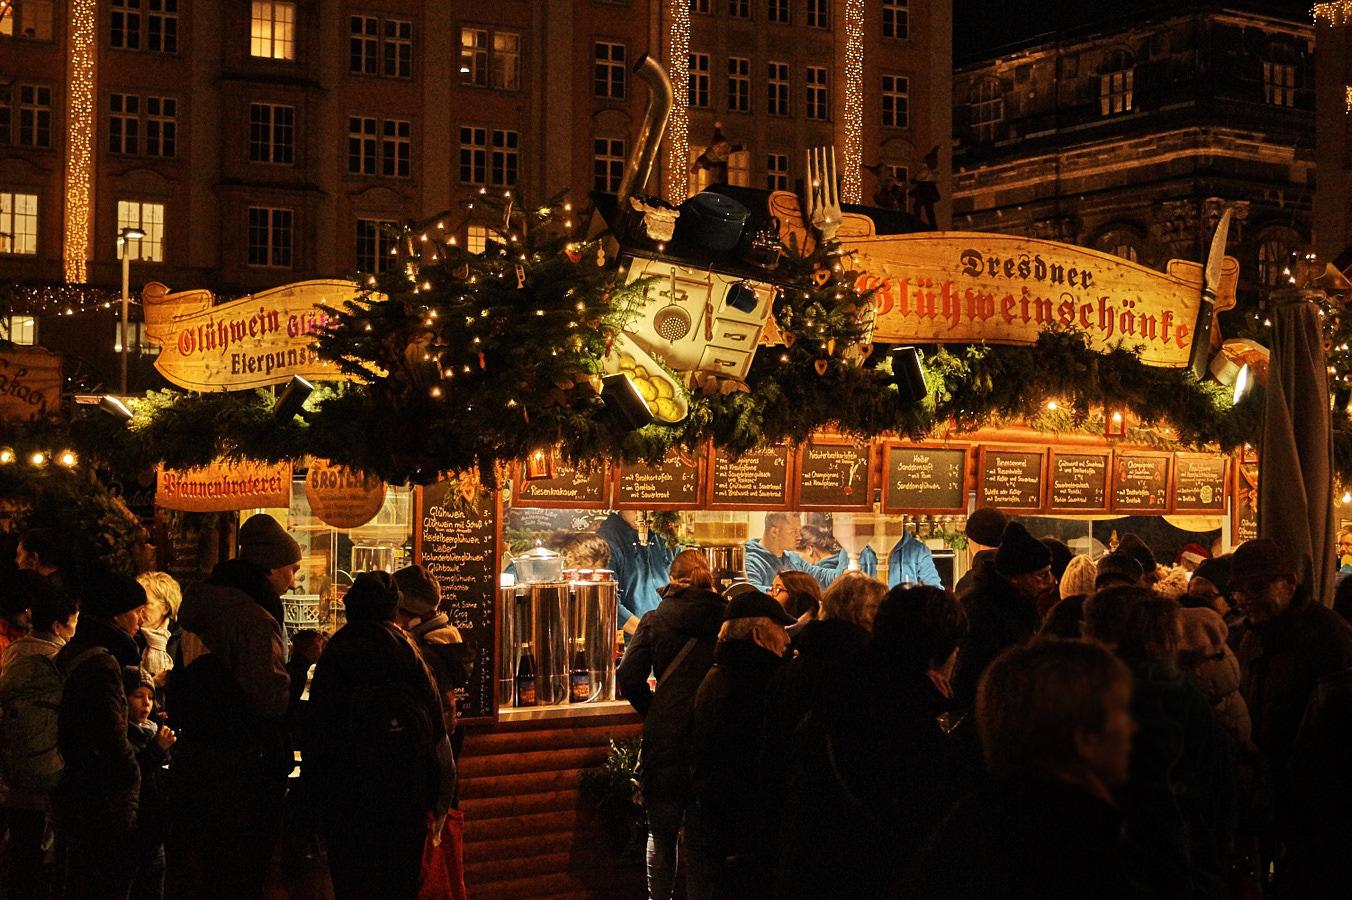 glühwein chemnitzer weihnachtsmarkt